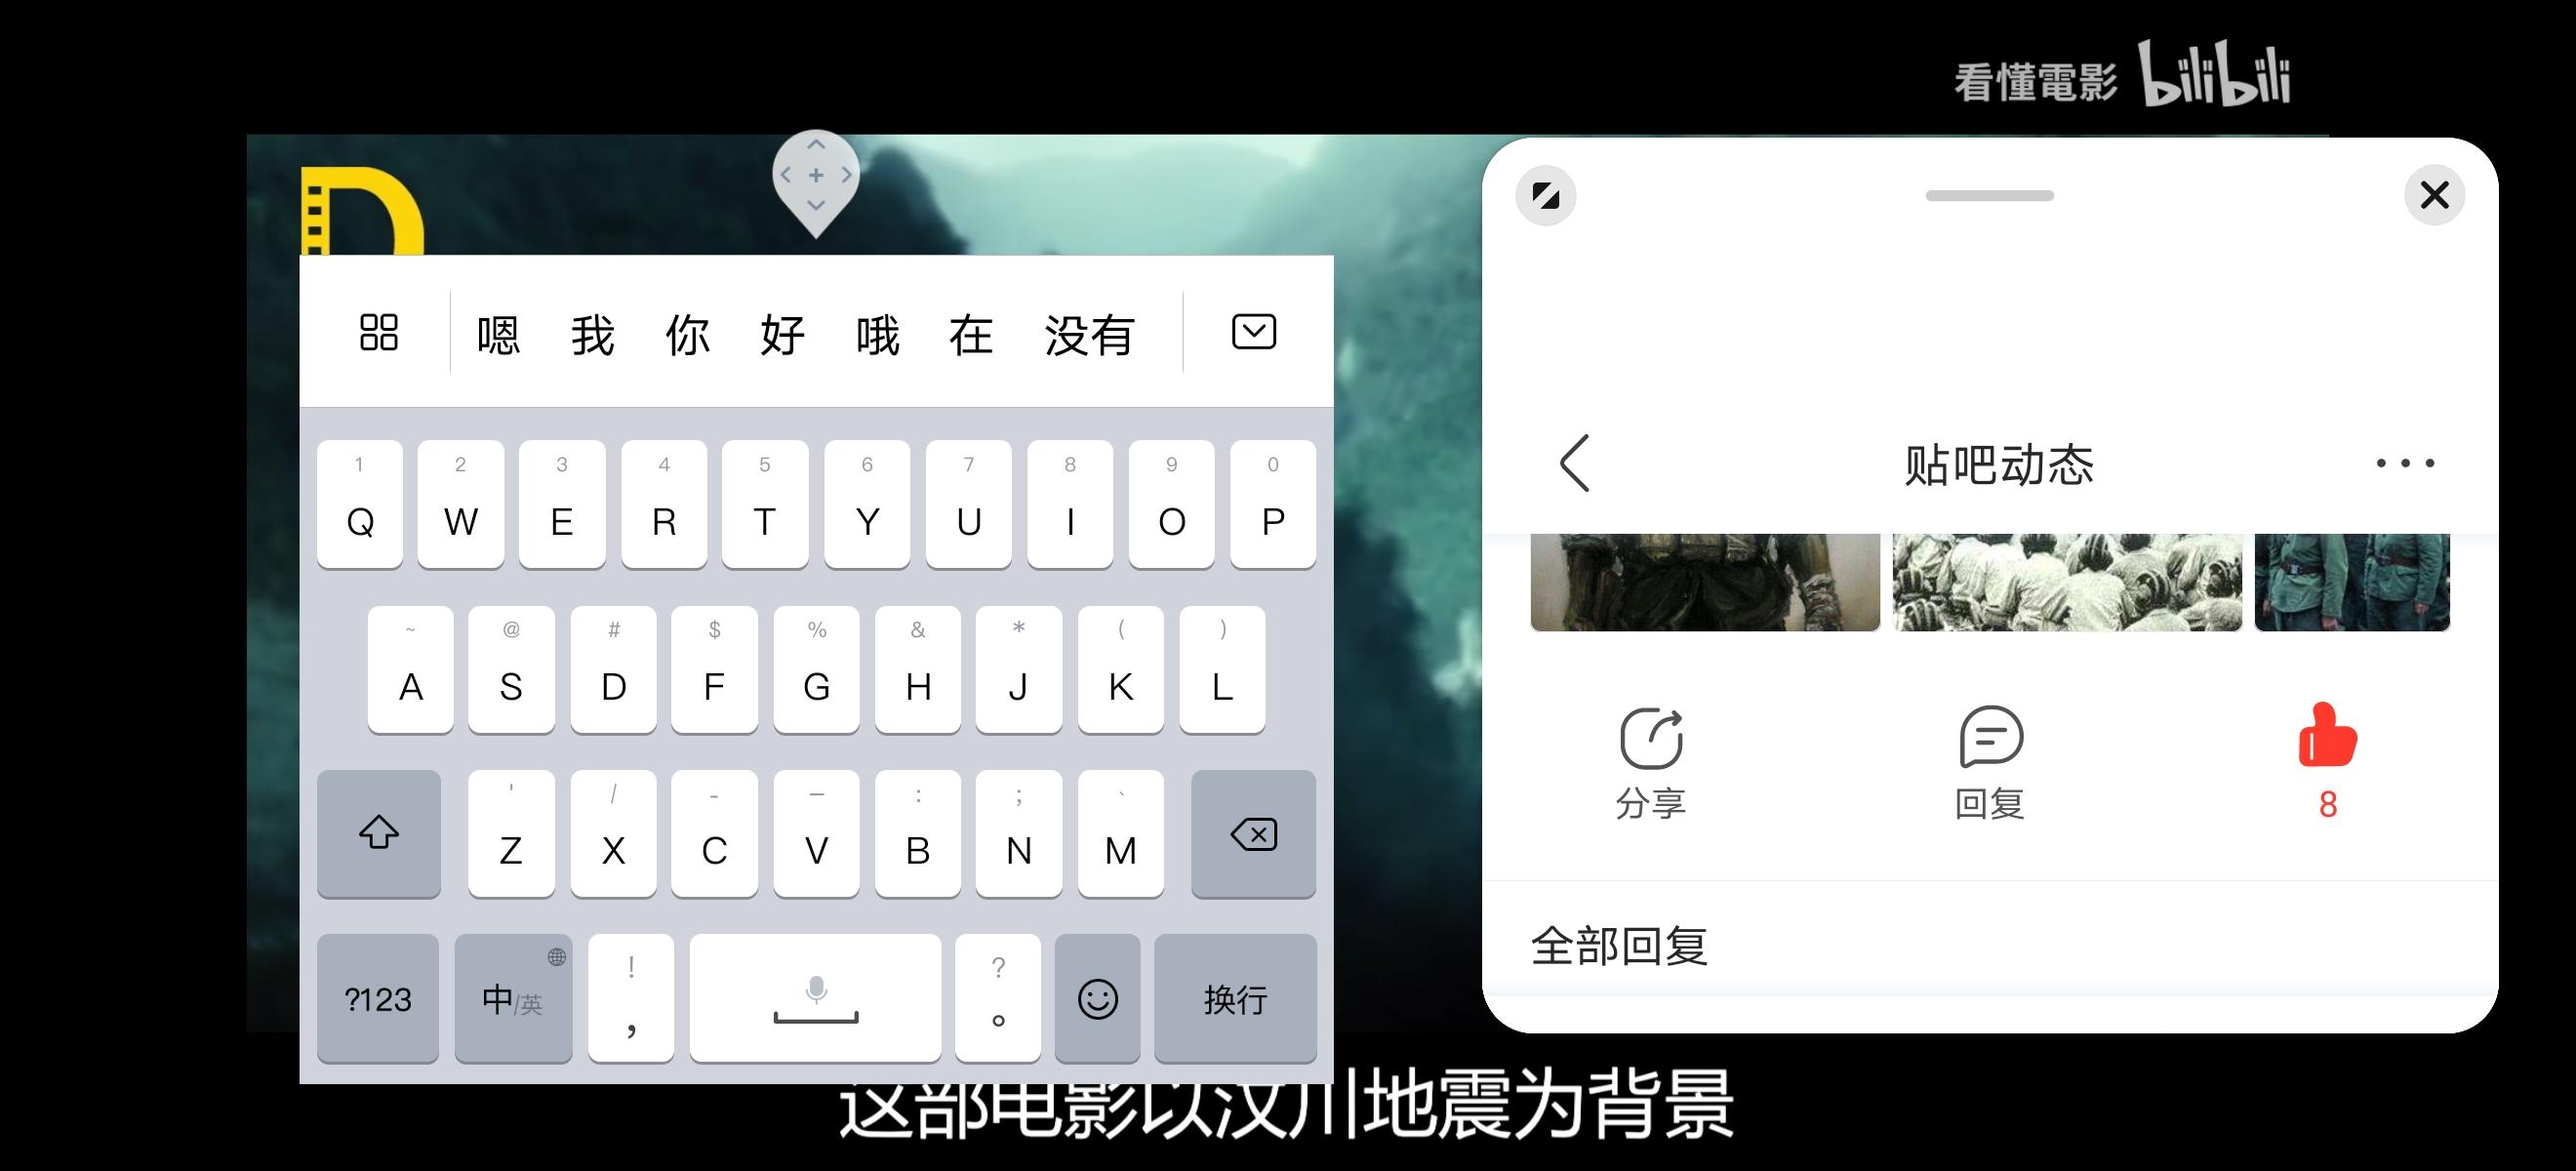 Screenshot_20200512_233110_com.baidu.tieba.jpg